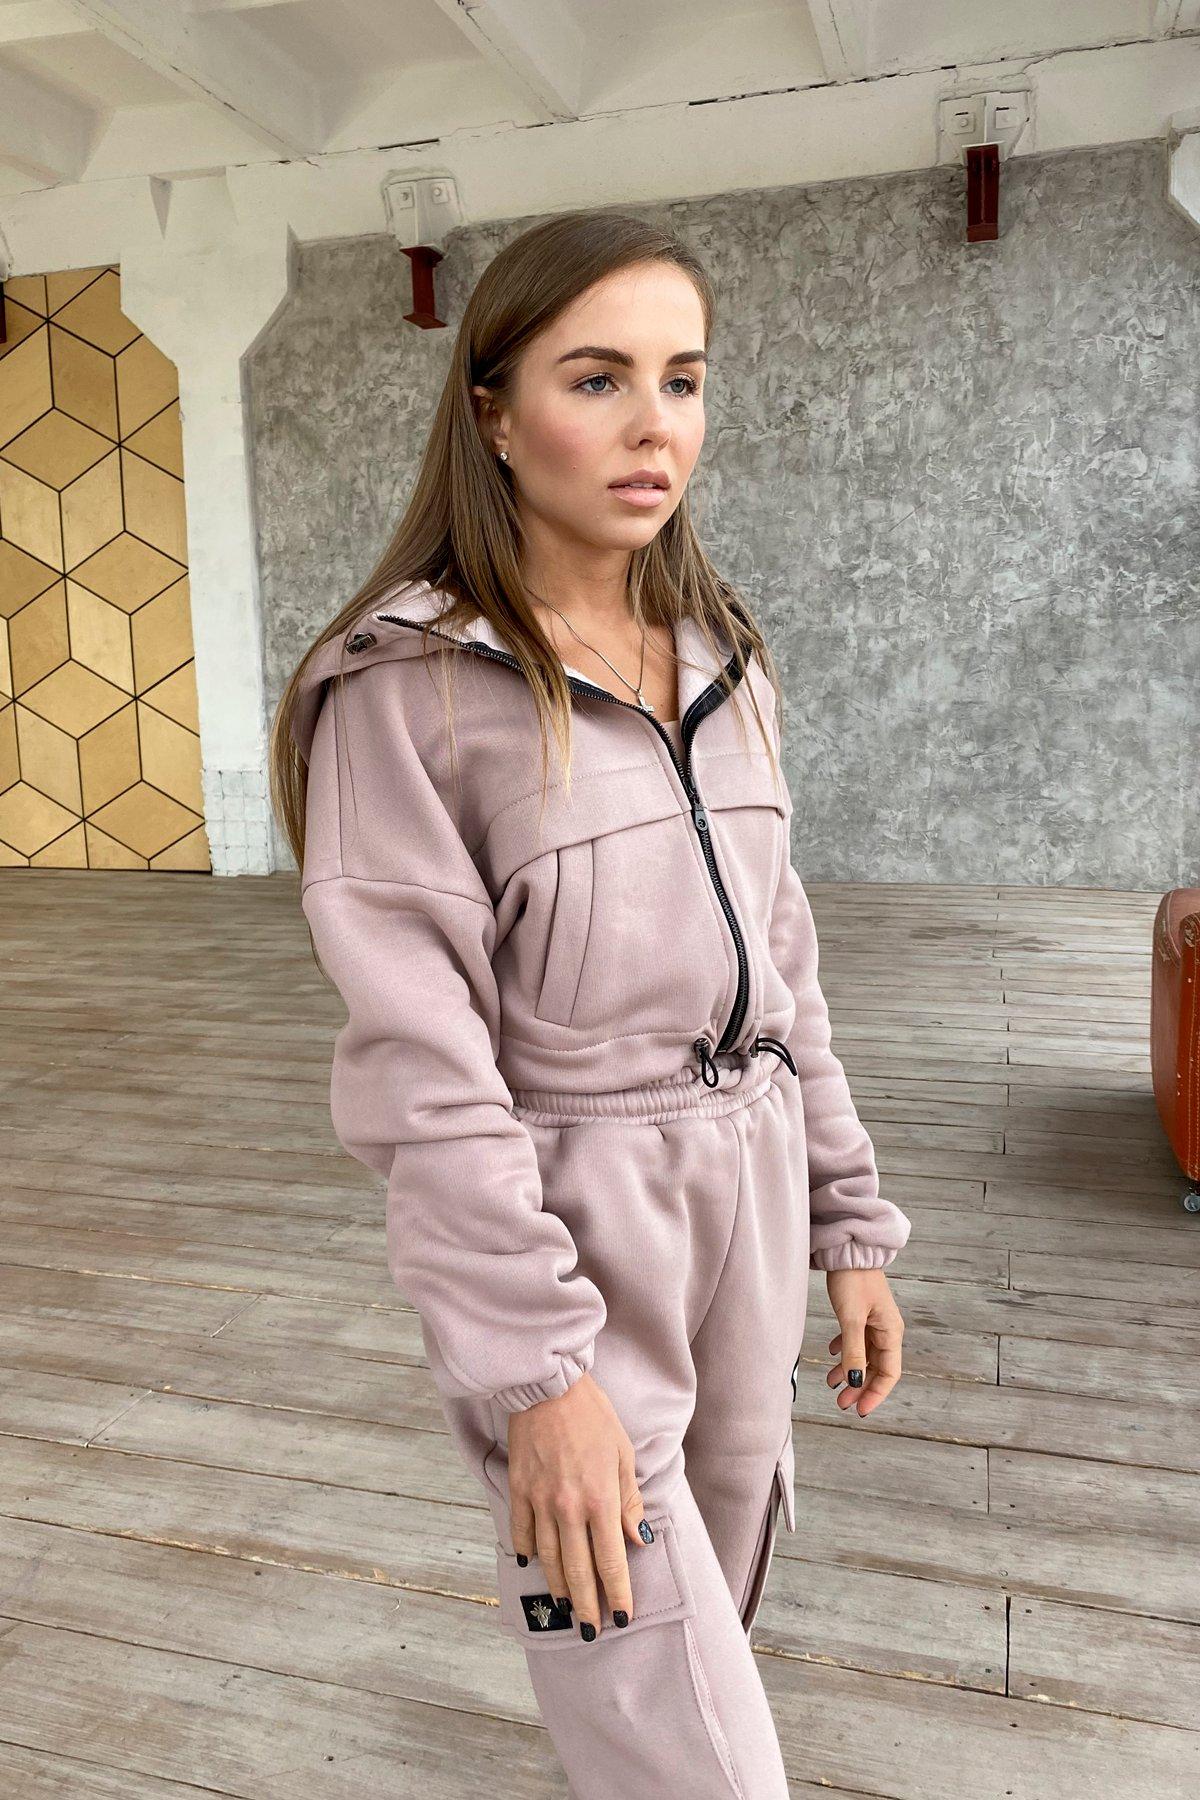 Кьюи  прогулочный костю 3х нитка с начесом 9933 АРТ. 46259 Цвет: Кофе - фото 10, интернет магазин tm-modus.ru